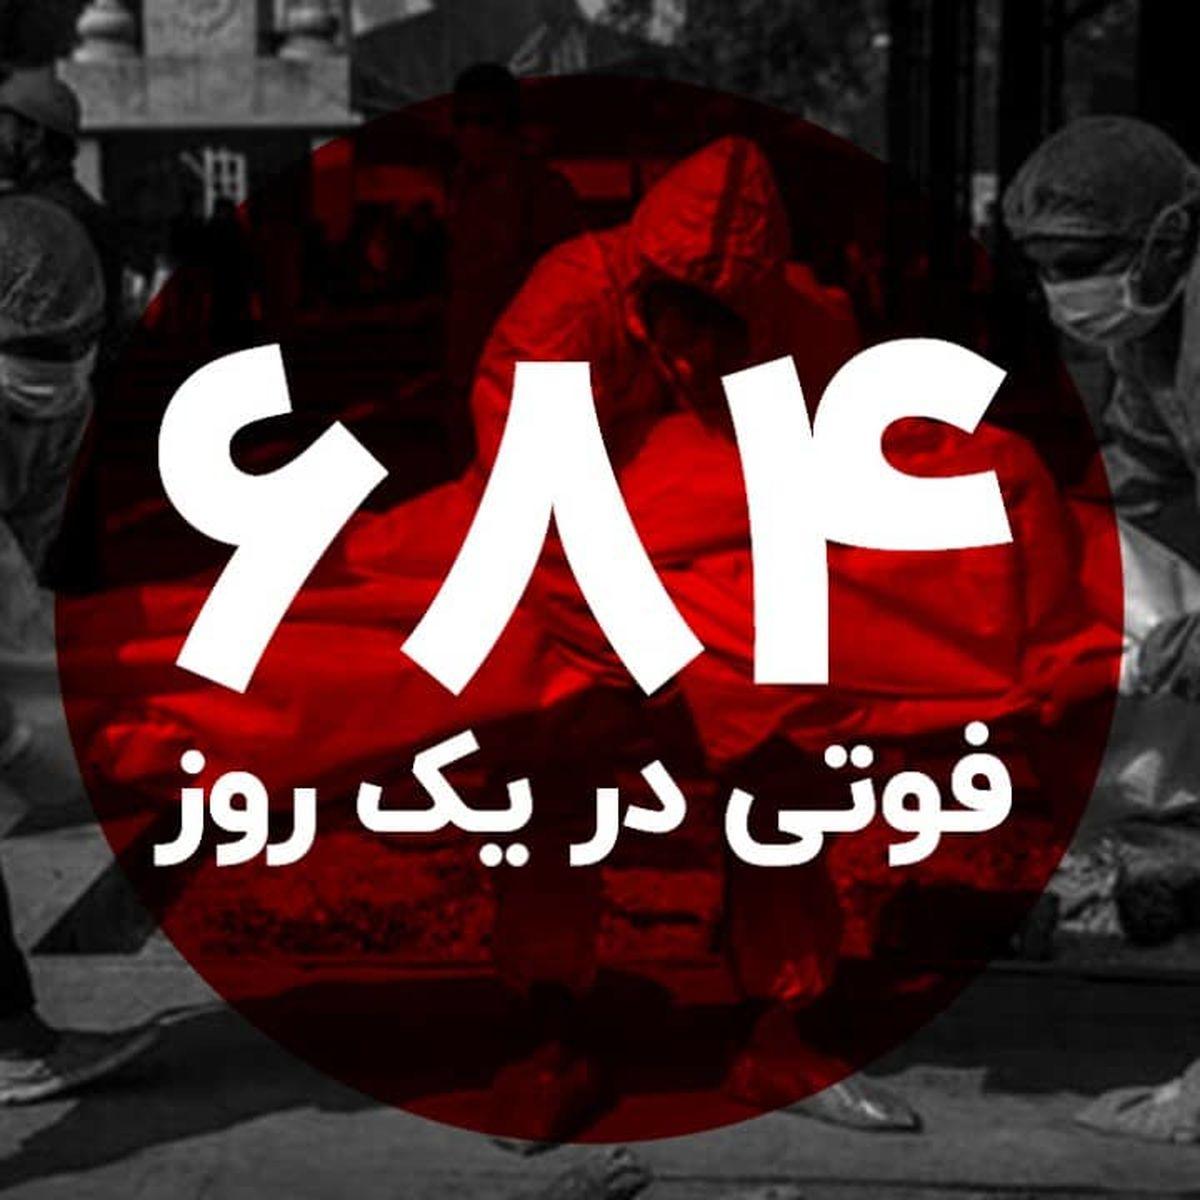 رکورد فوت کرونا در ایران شکسته شد